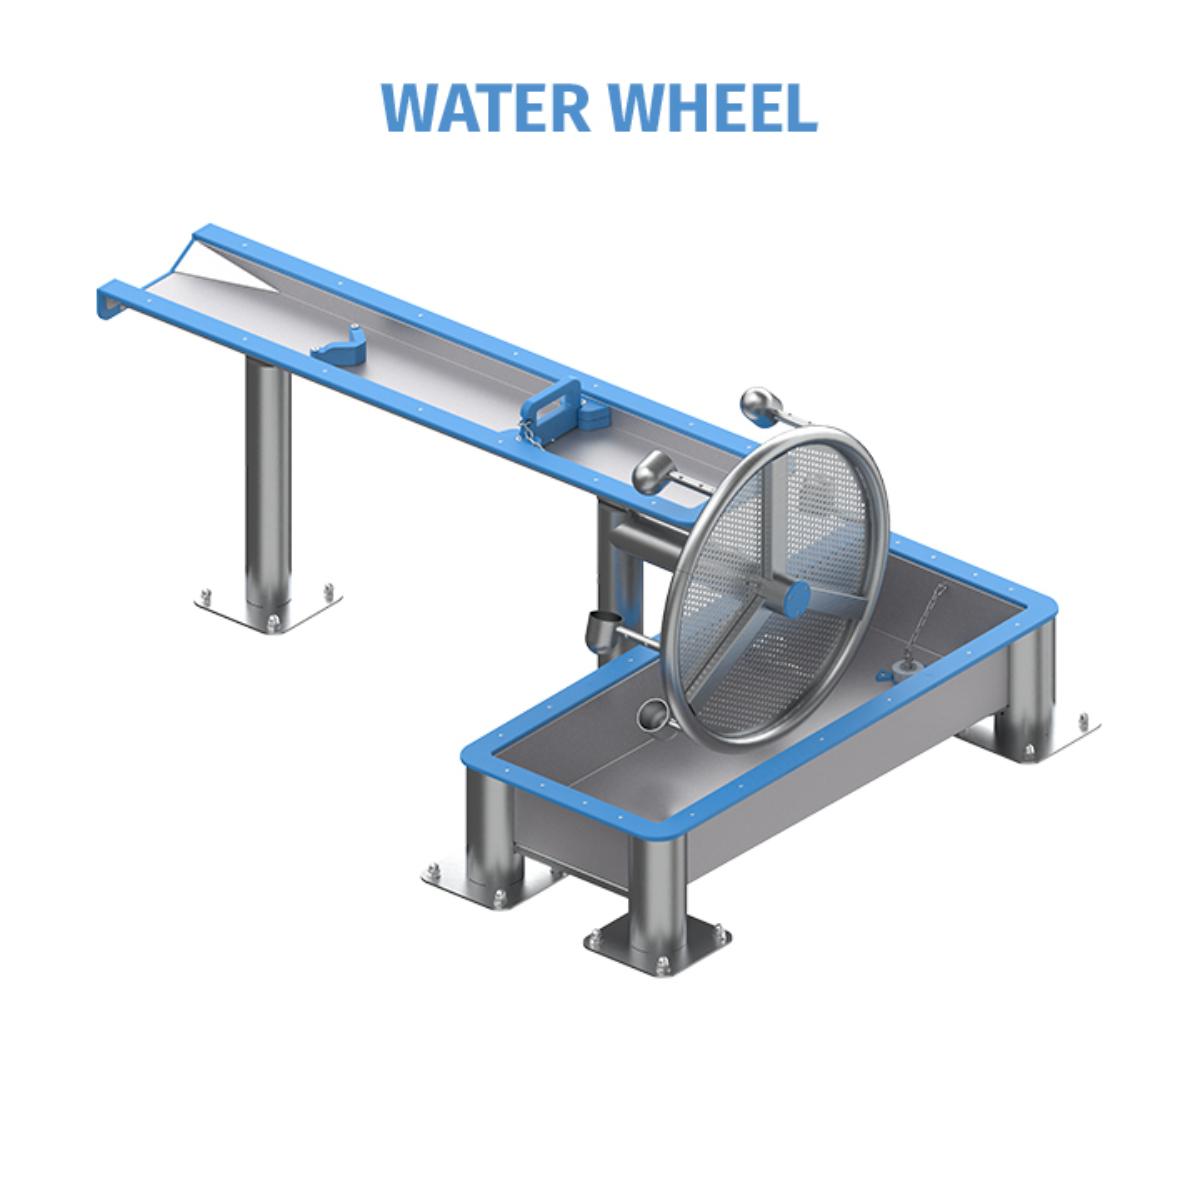 570 Water Wheel